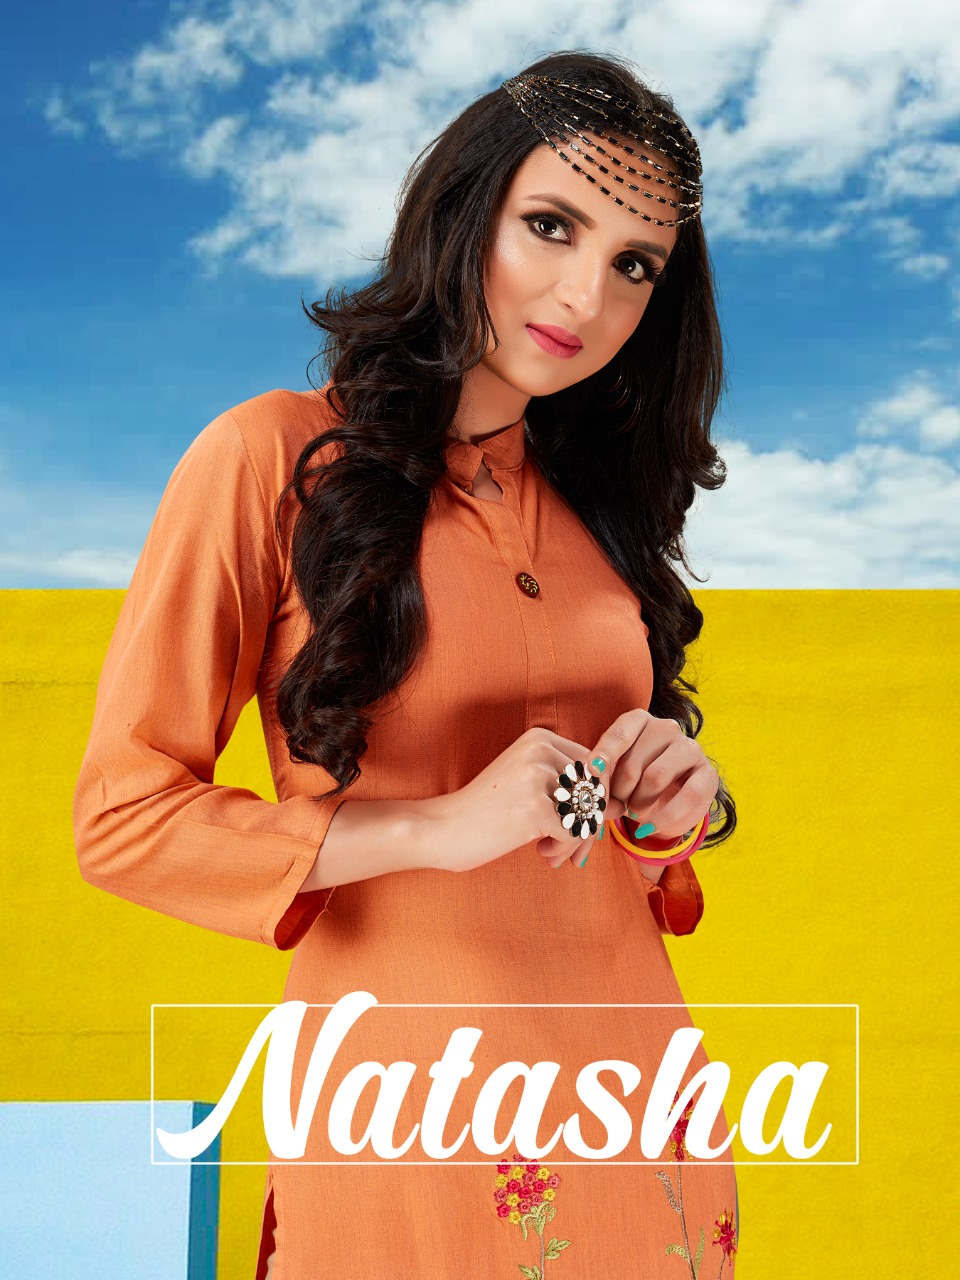 Neha Fashion Natasha Rayon Formal Wear Kurti Wholesaler